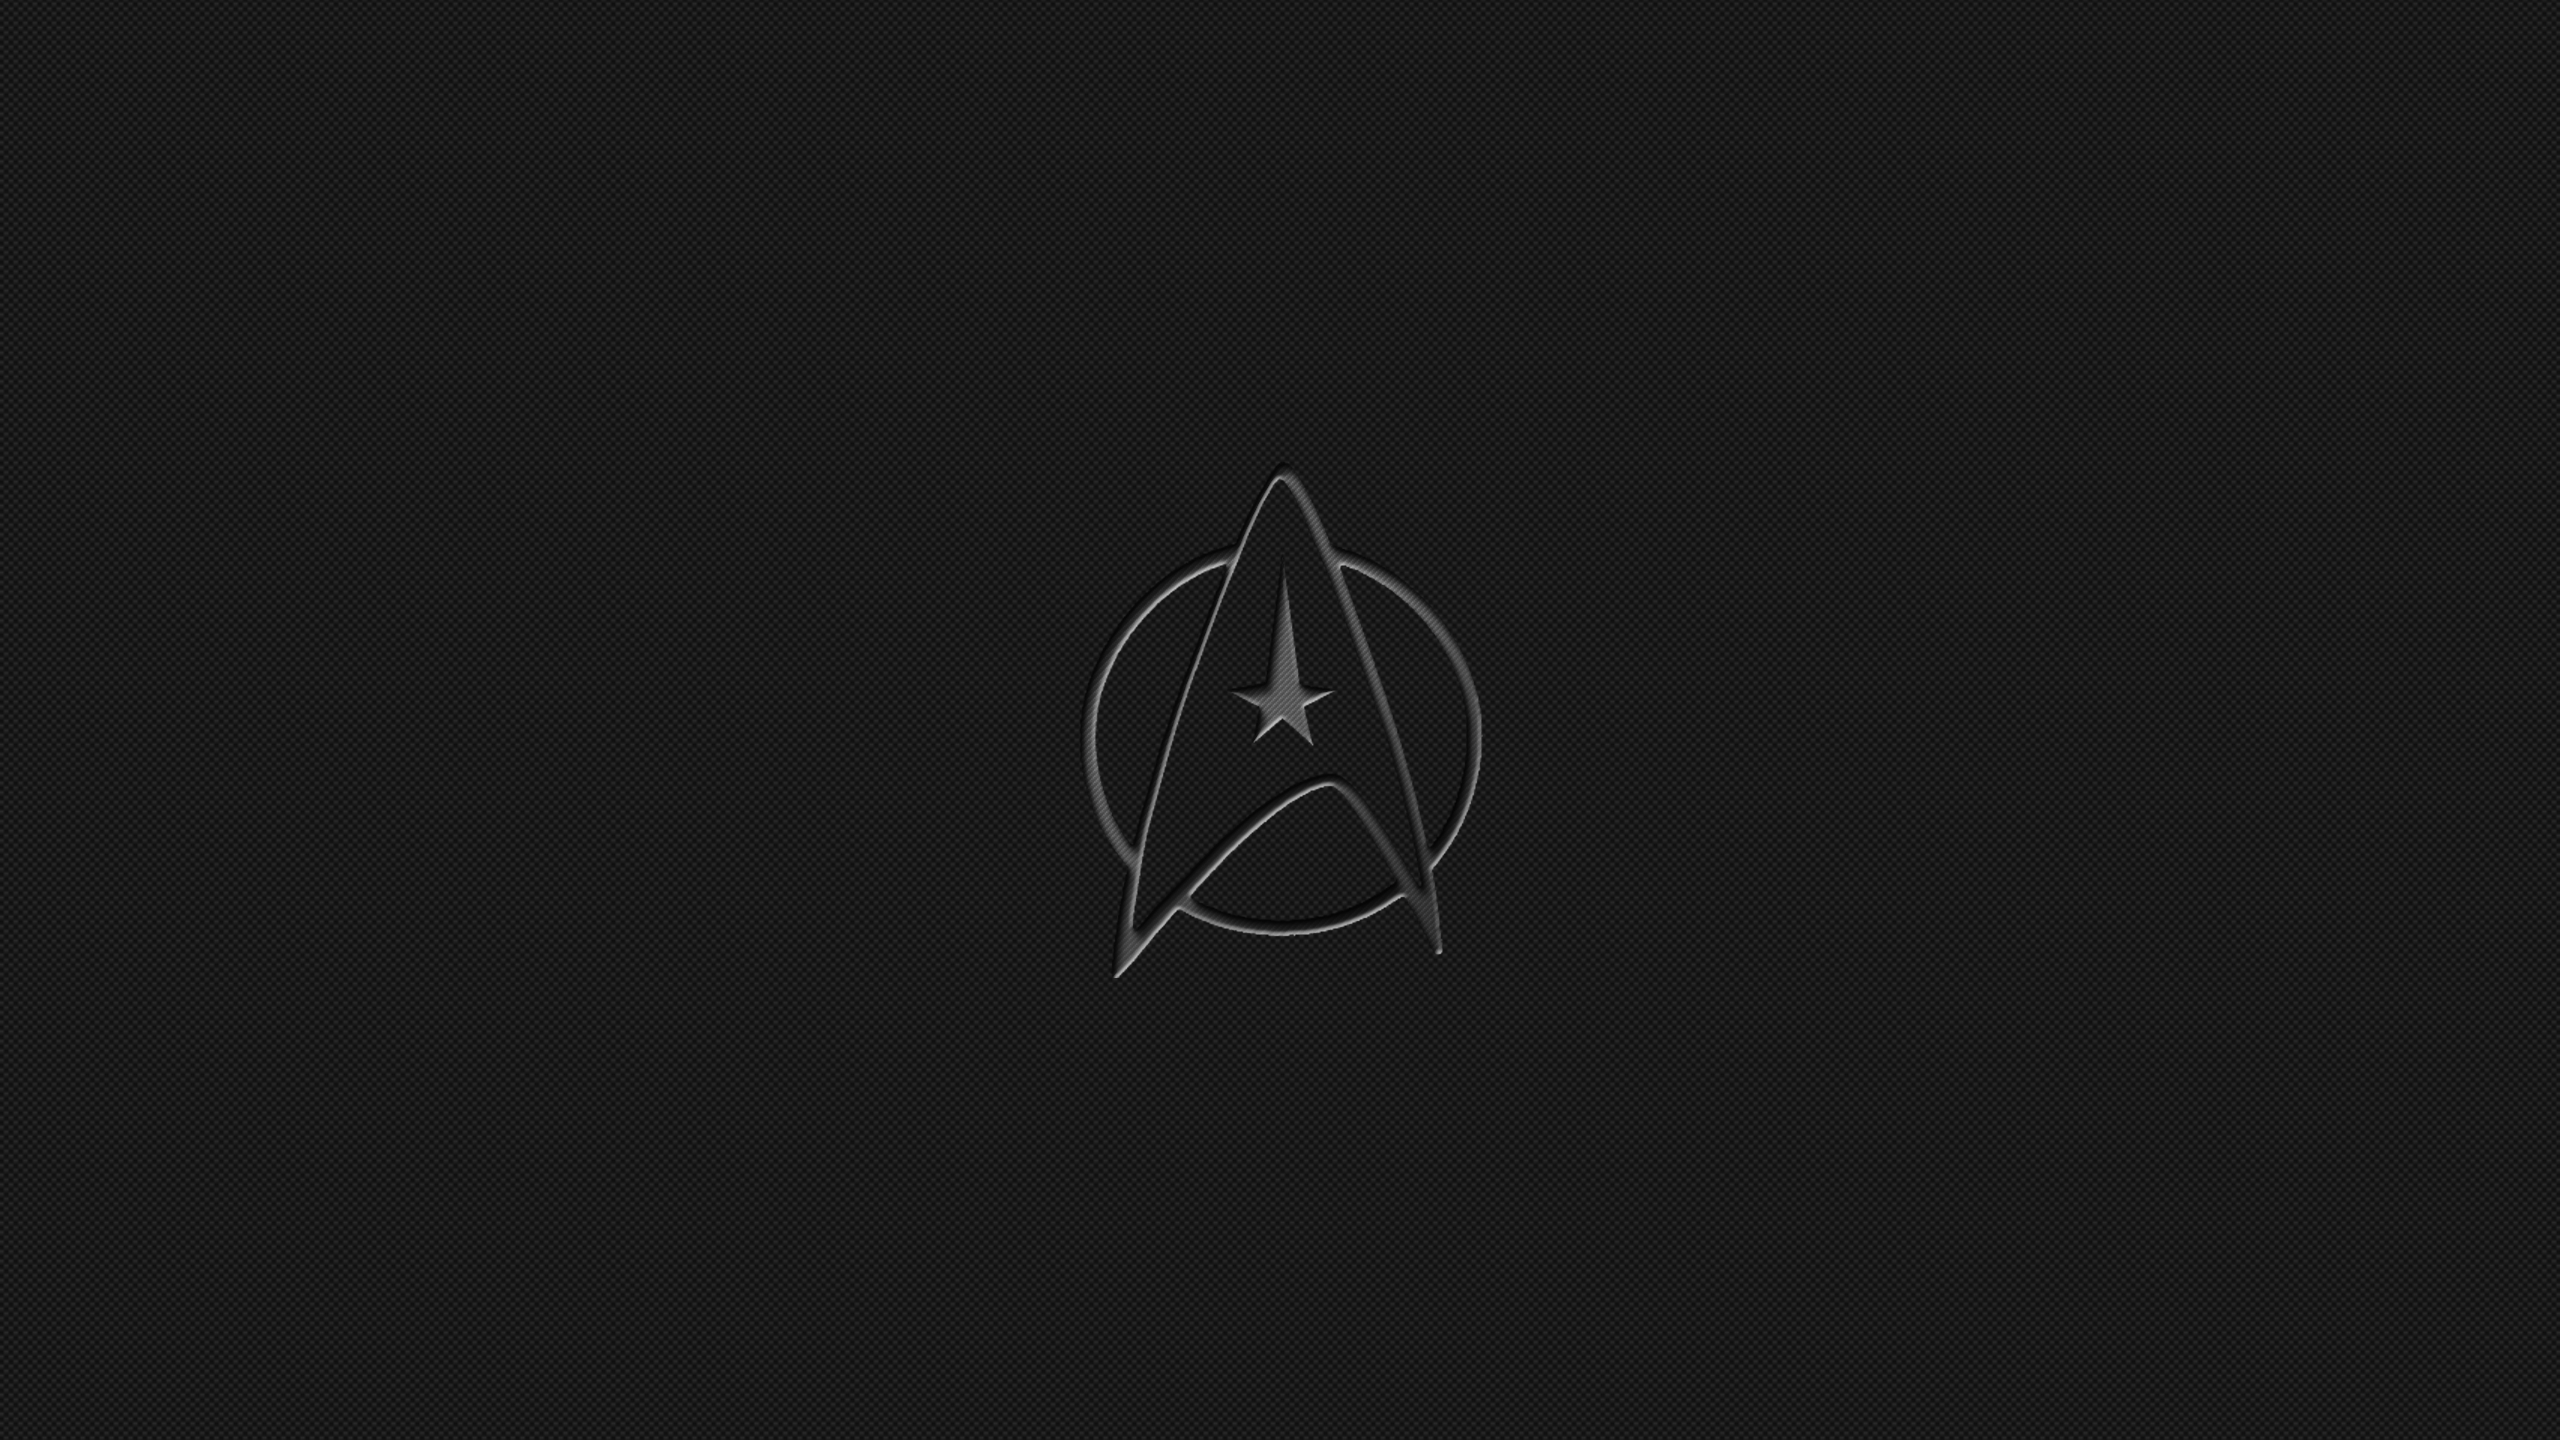 Star Trek Fondo De Pantalla Hd Fondo De Escritorio